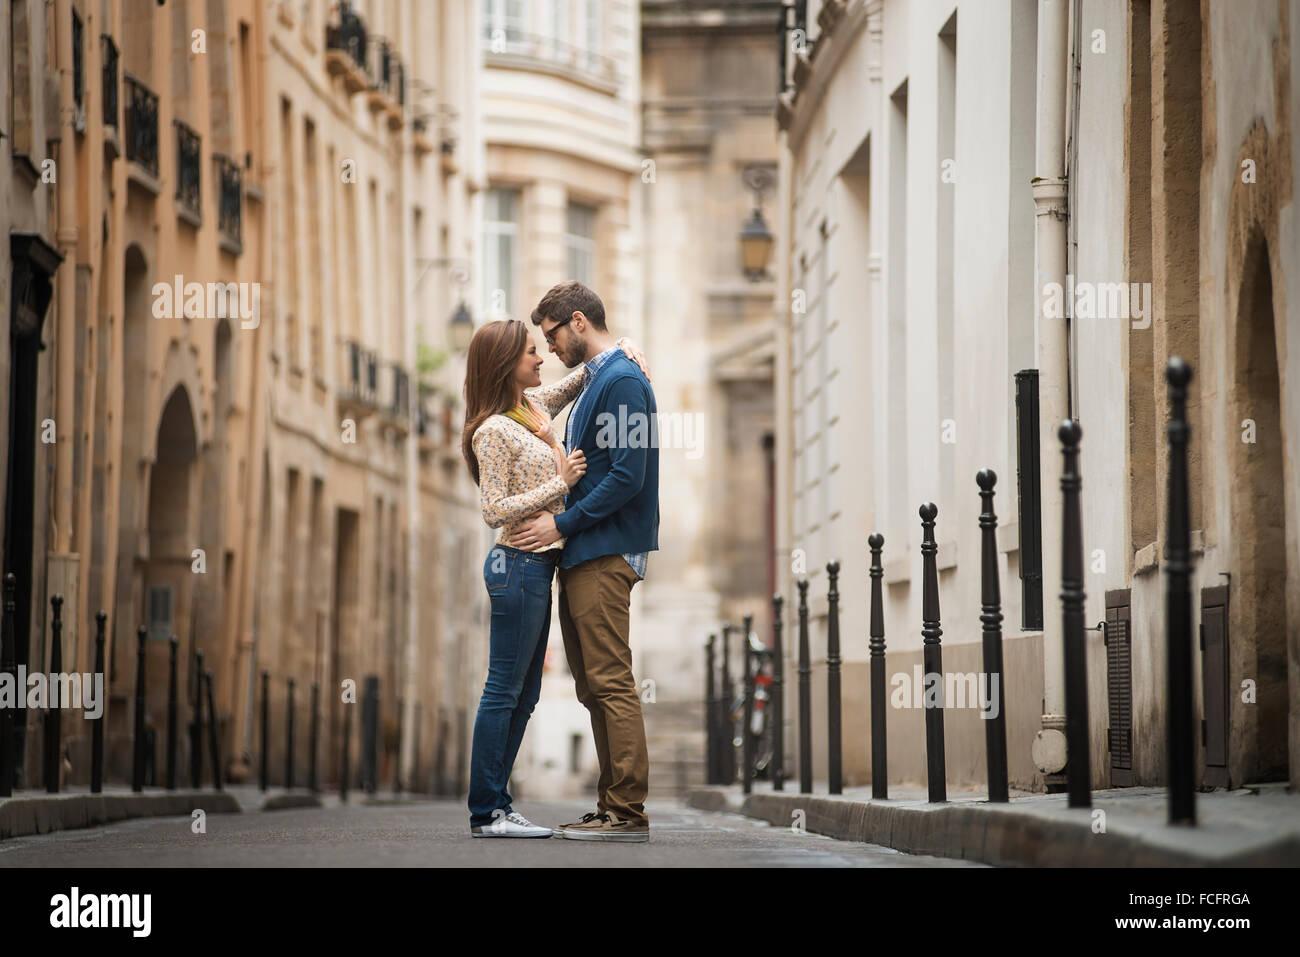 Un couple debout à regarder les uns les autres, dans une rue étroite dans une ville. Photo Stock